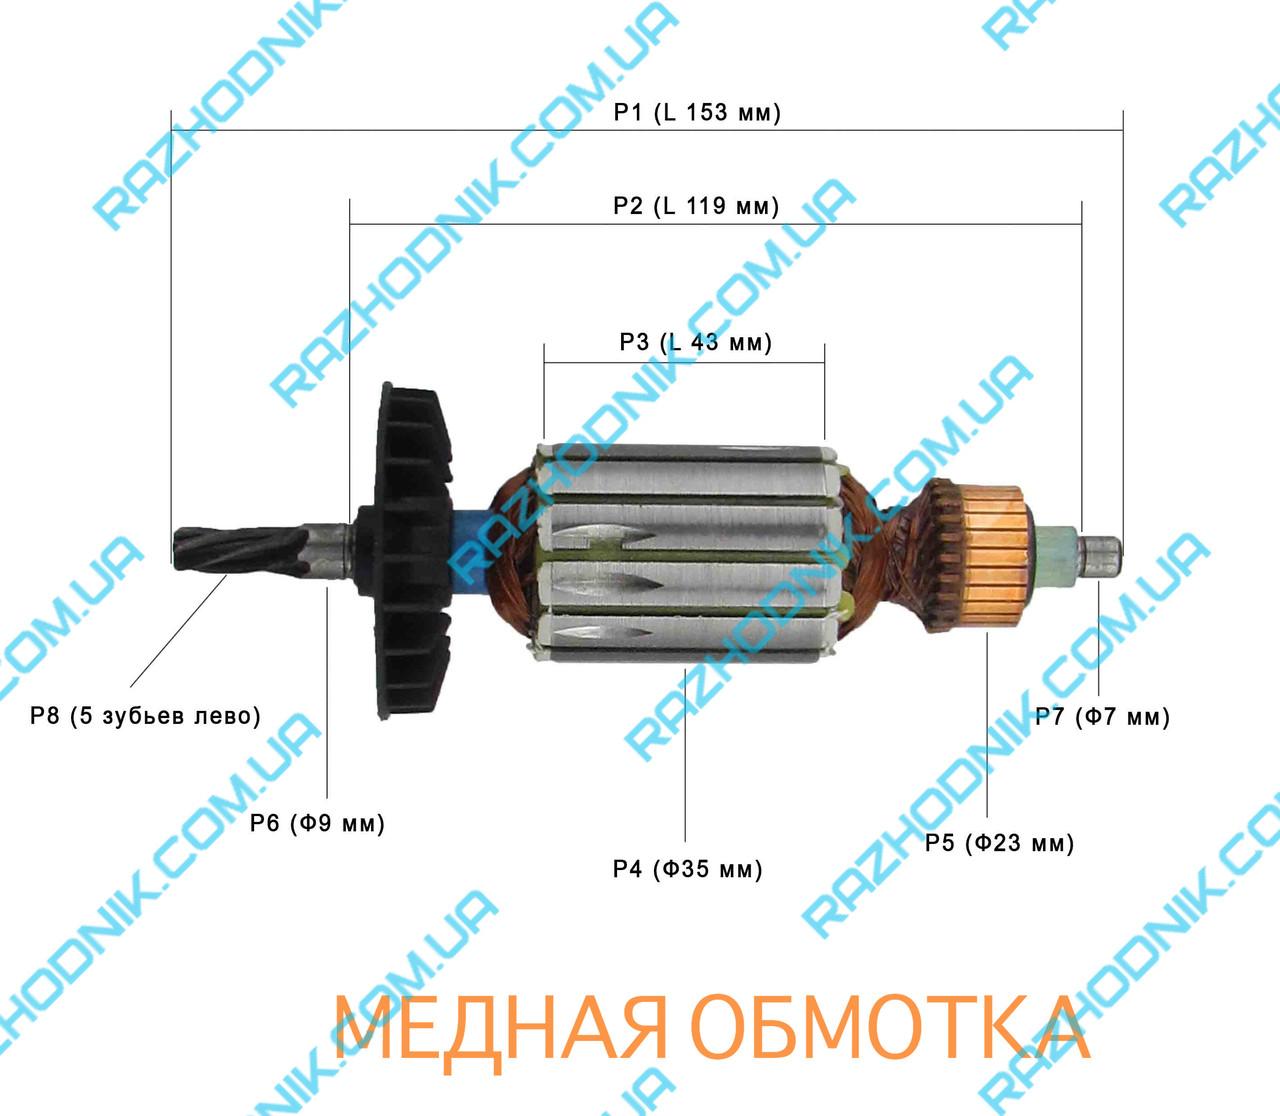 Якорь на Перфоратор Зенит ЗП-950,Ижмаш ИП-1000